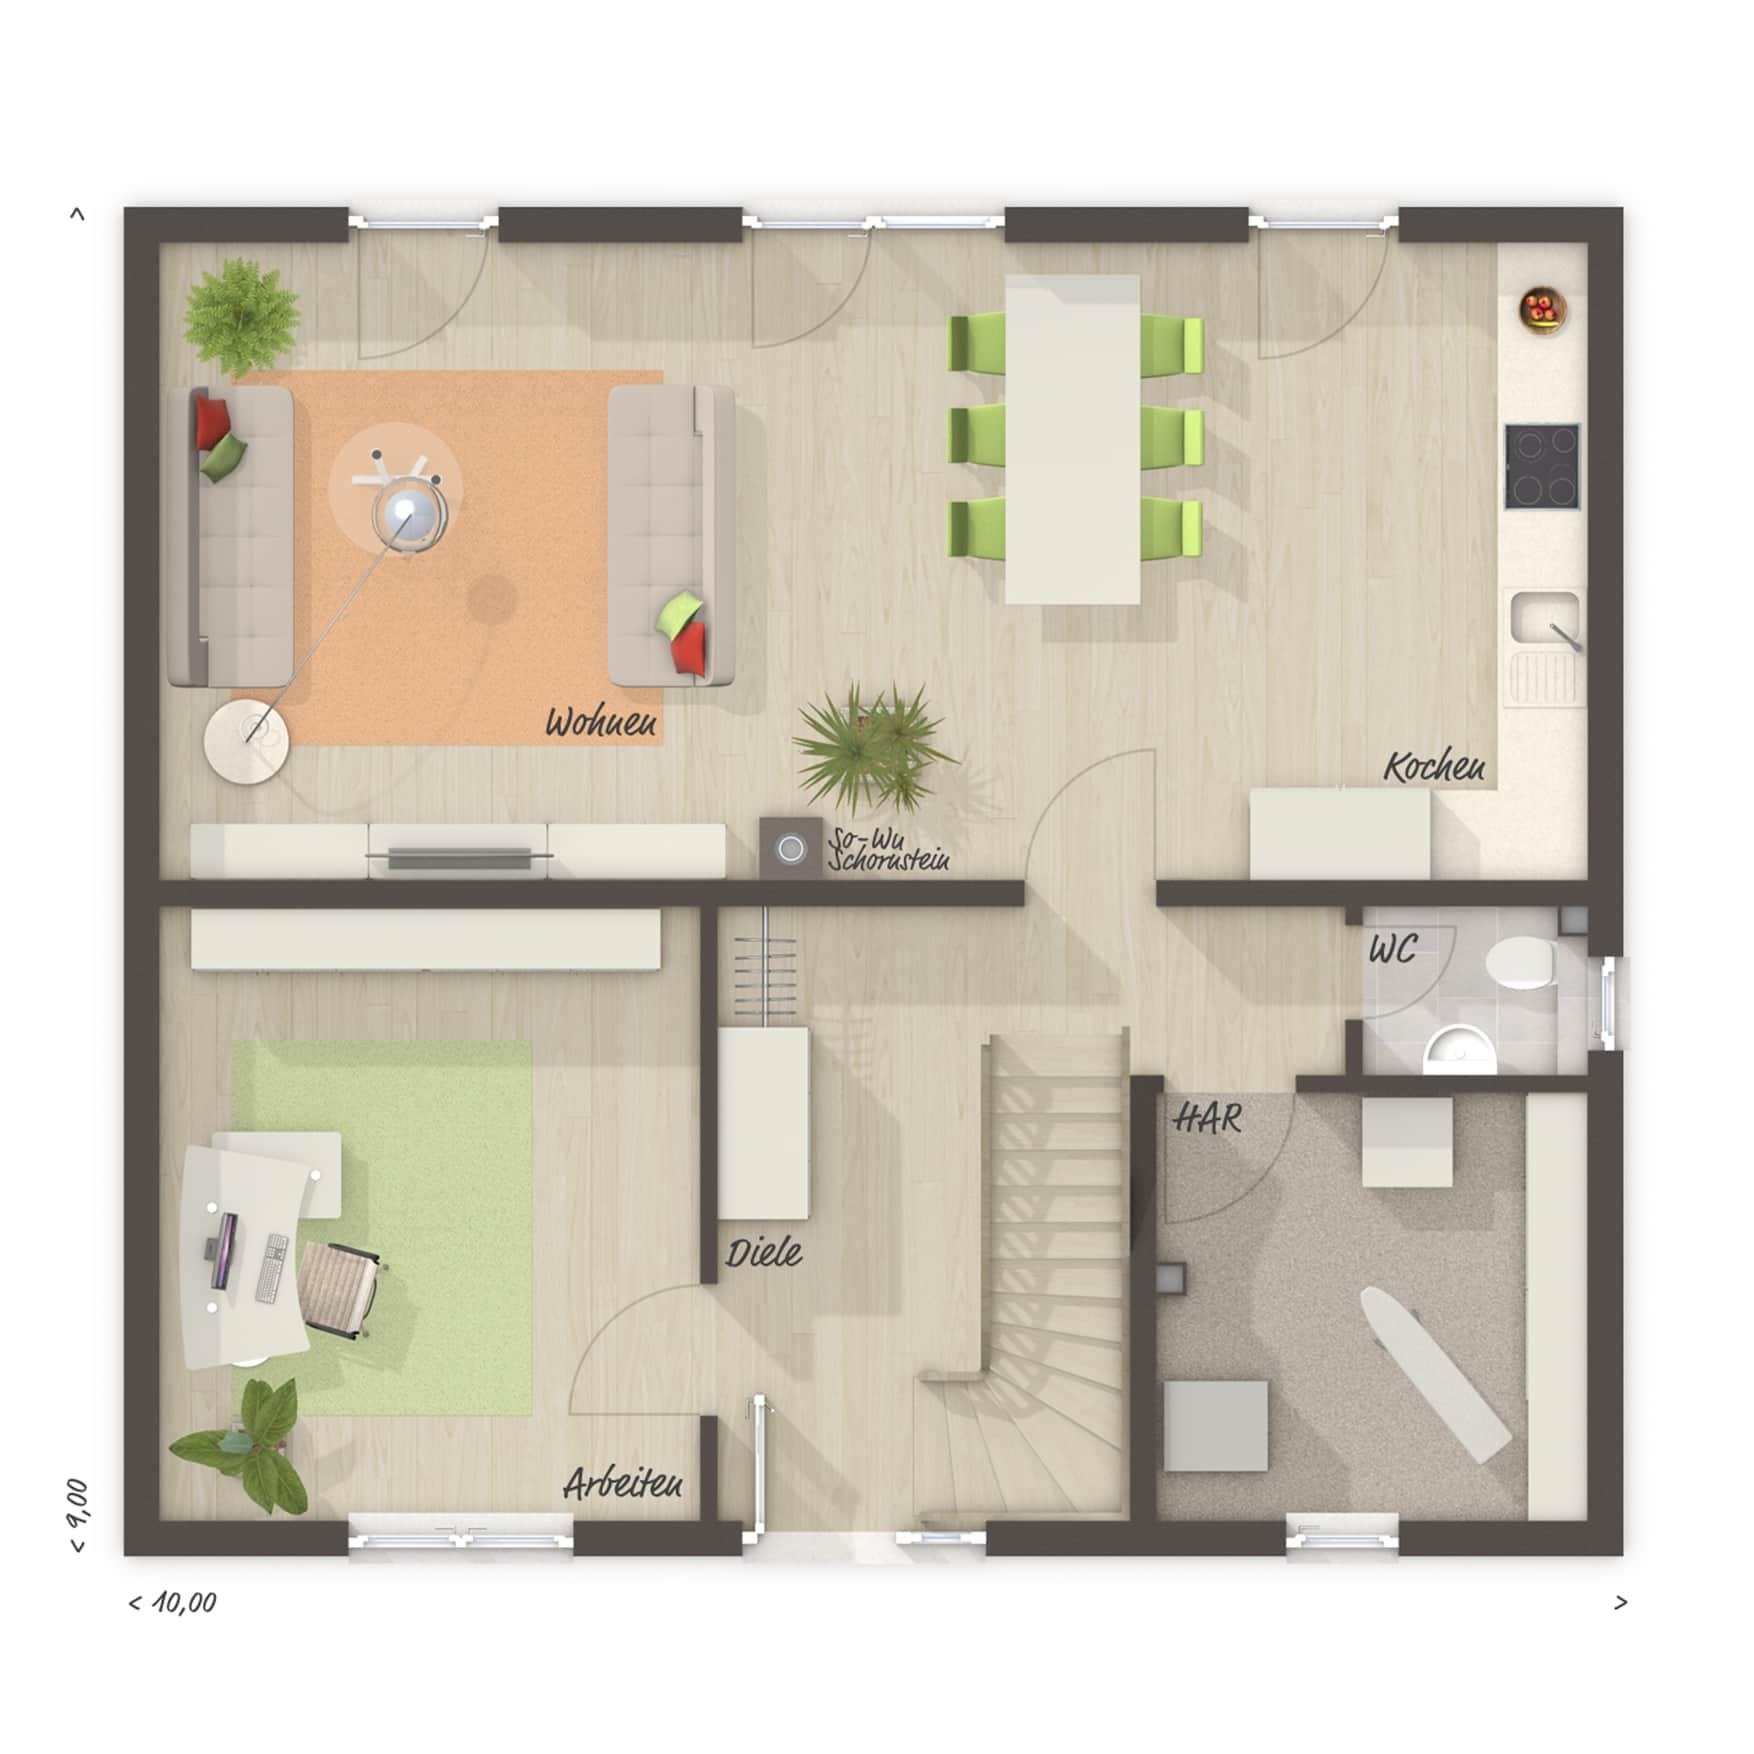 Einfamilienhaus Grundriss Erdgeschoss Küche offen - Massivhaus schlüsselfertig bauen Ideen Town Country Haus Flair 134 - HausbauDirekt.de